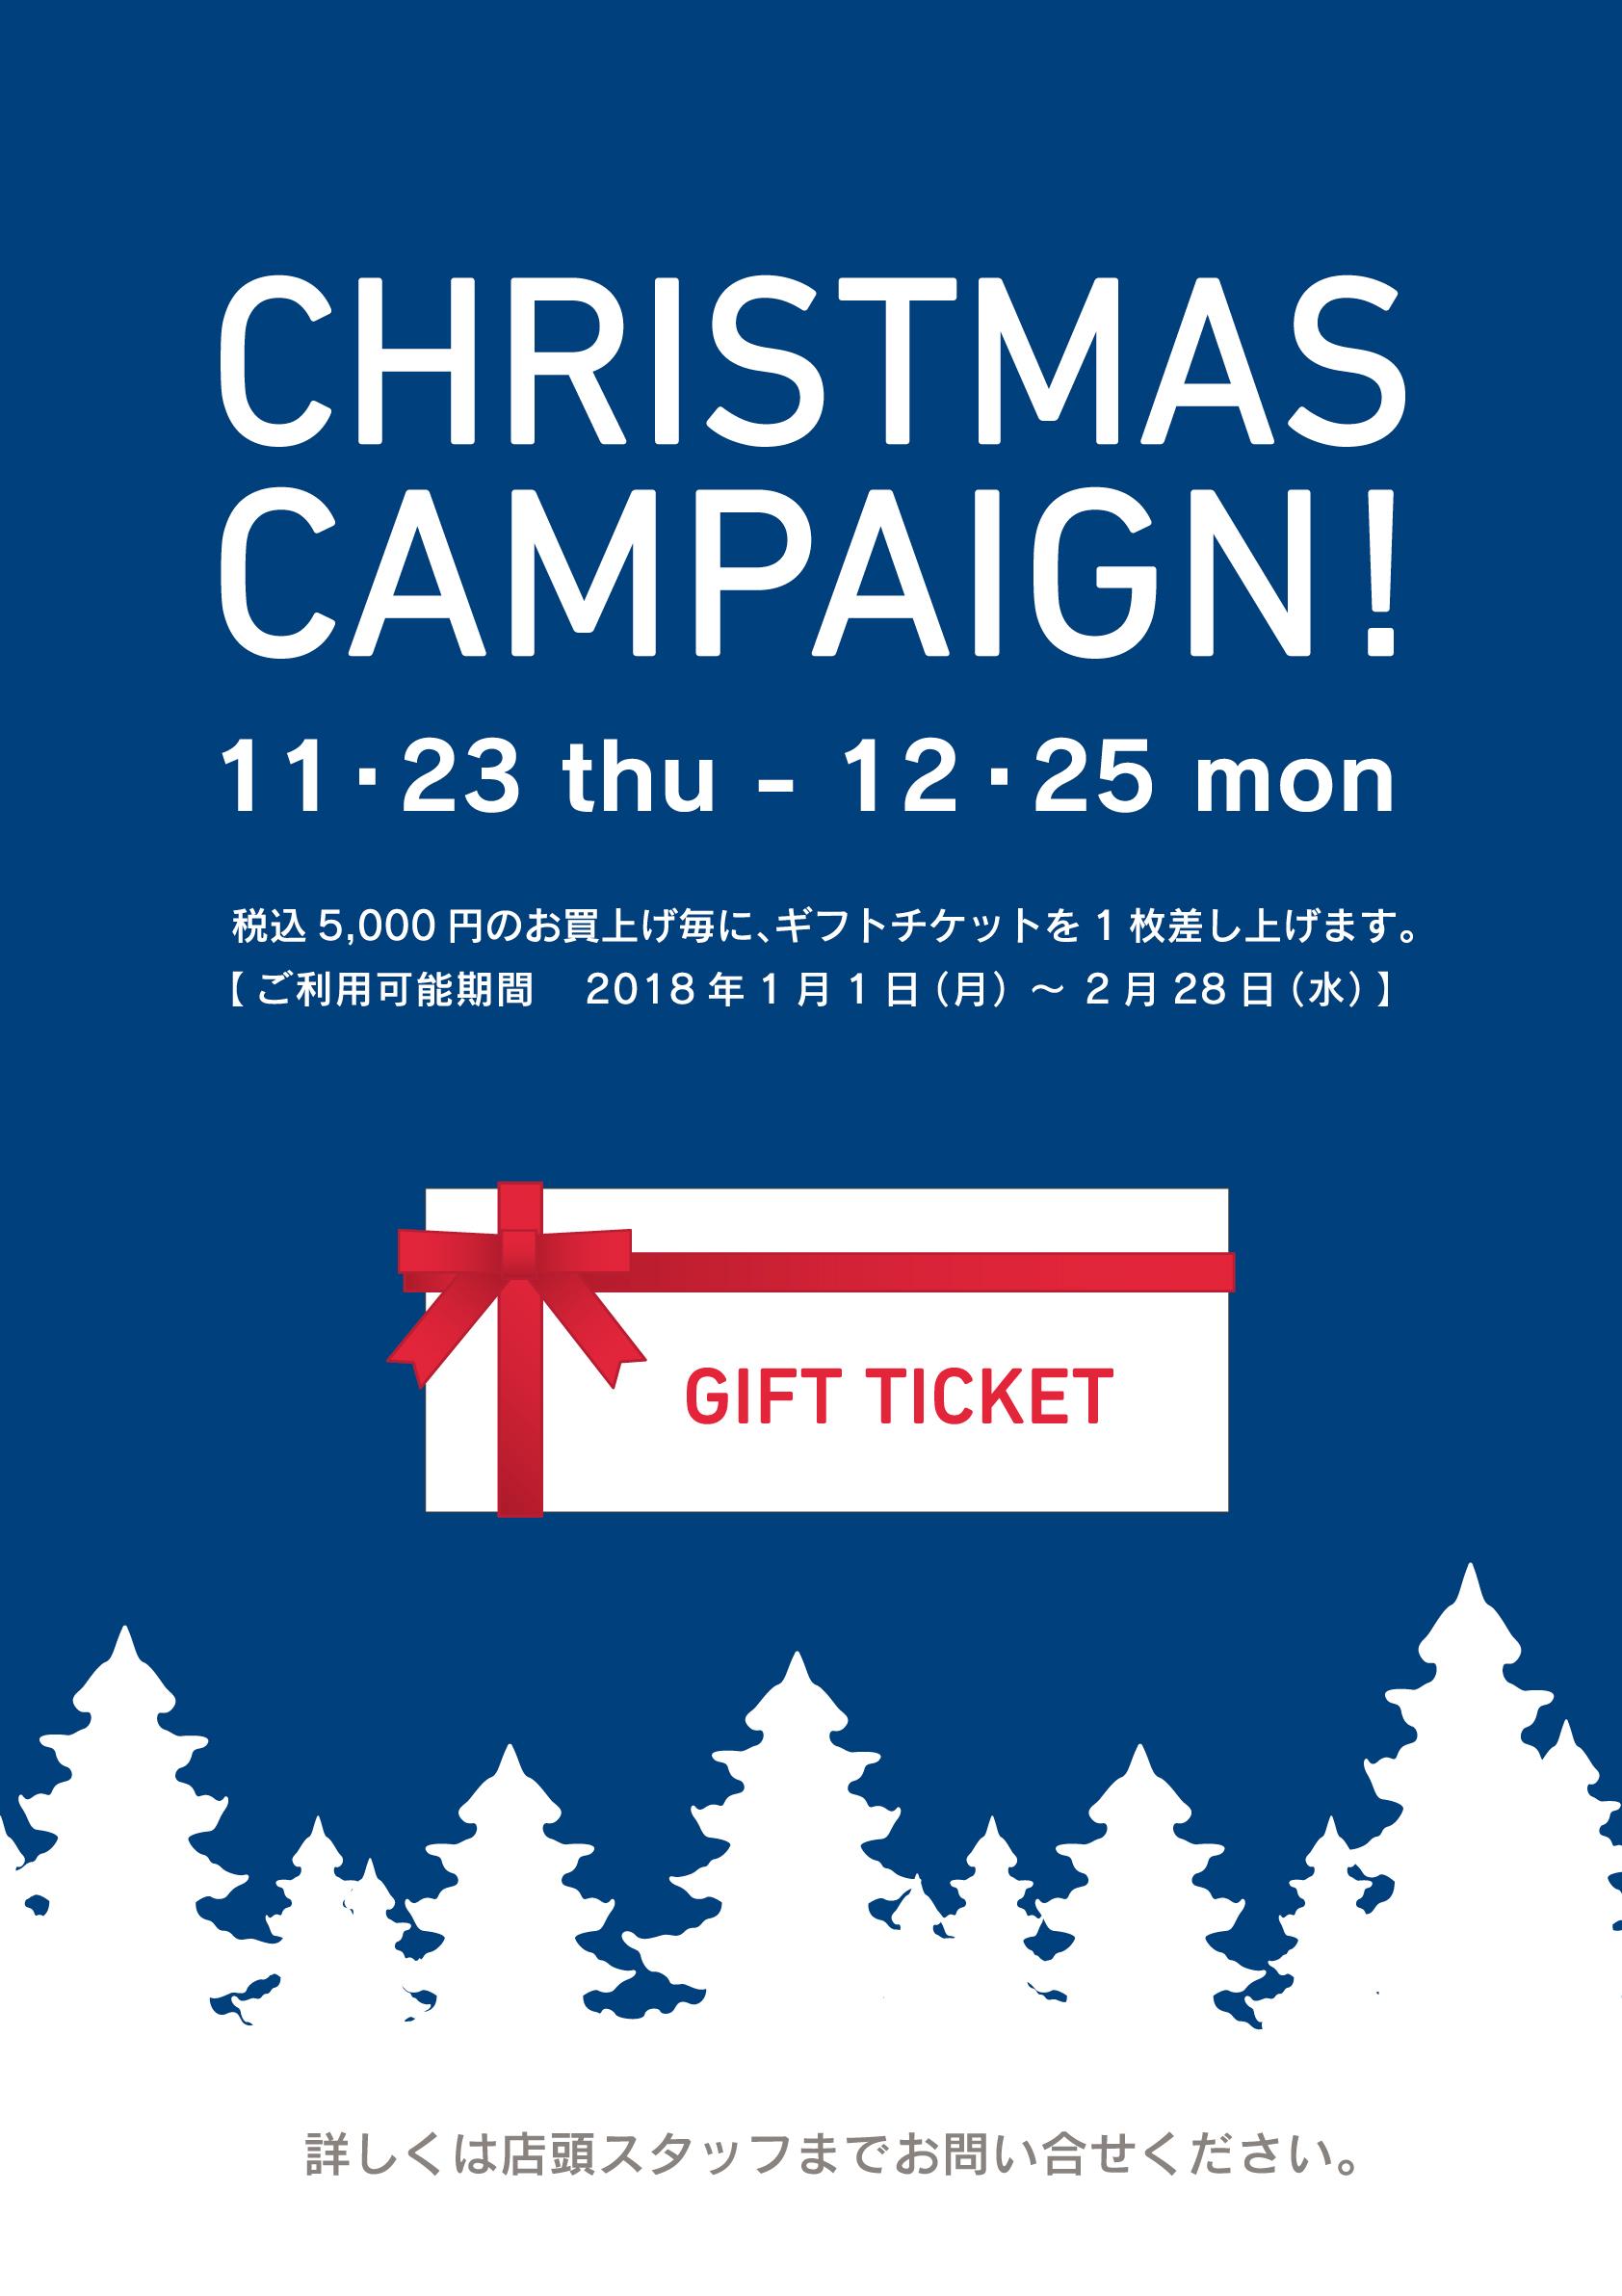 クリスマスキャンペーン_ビジュアル.jpg